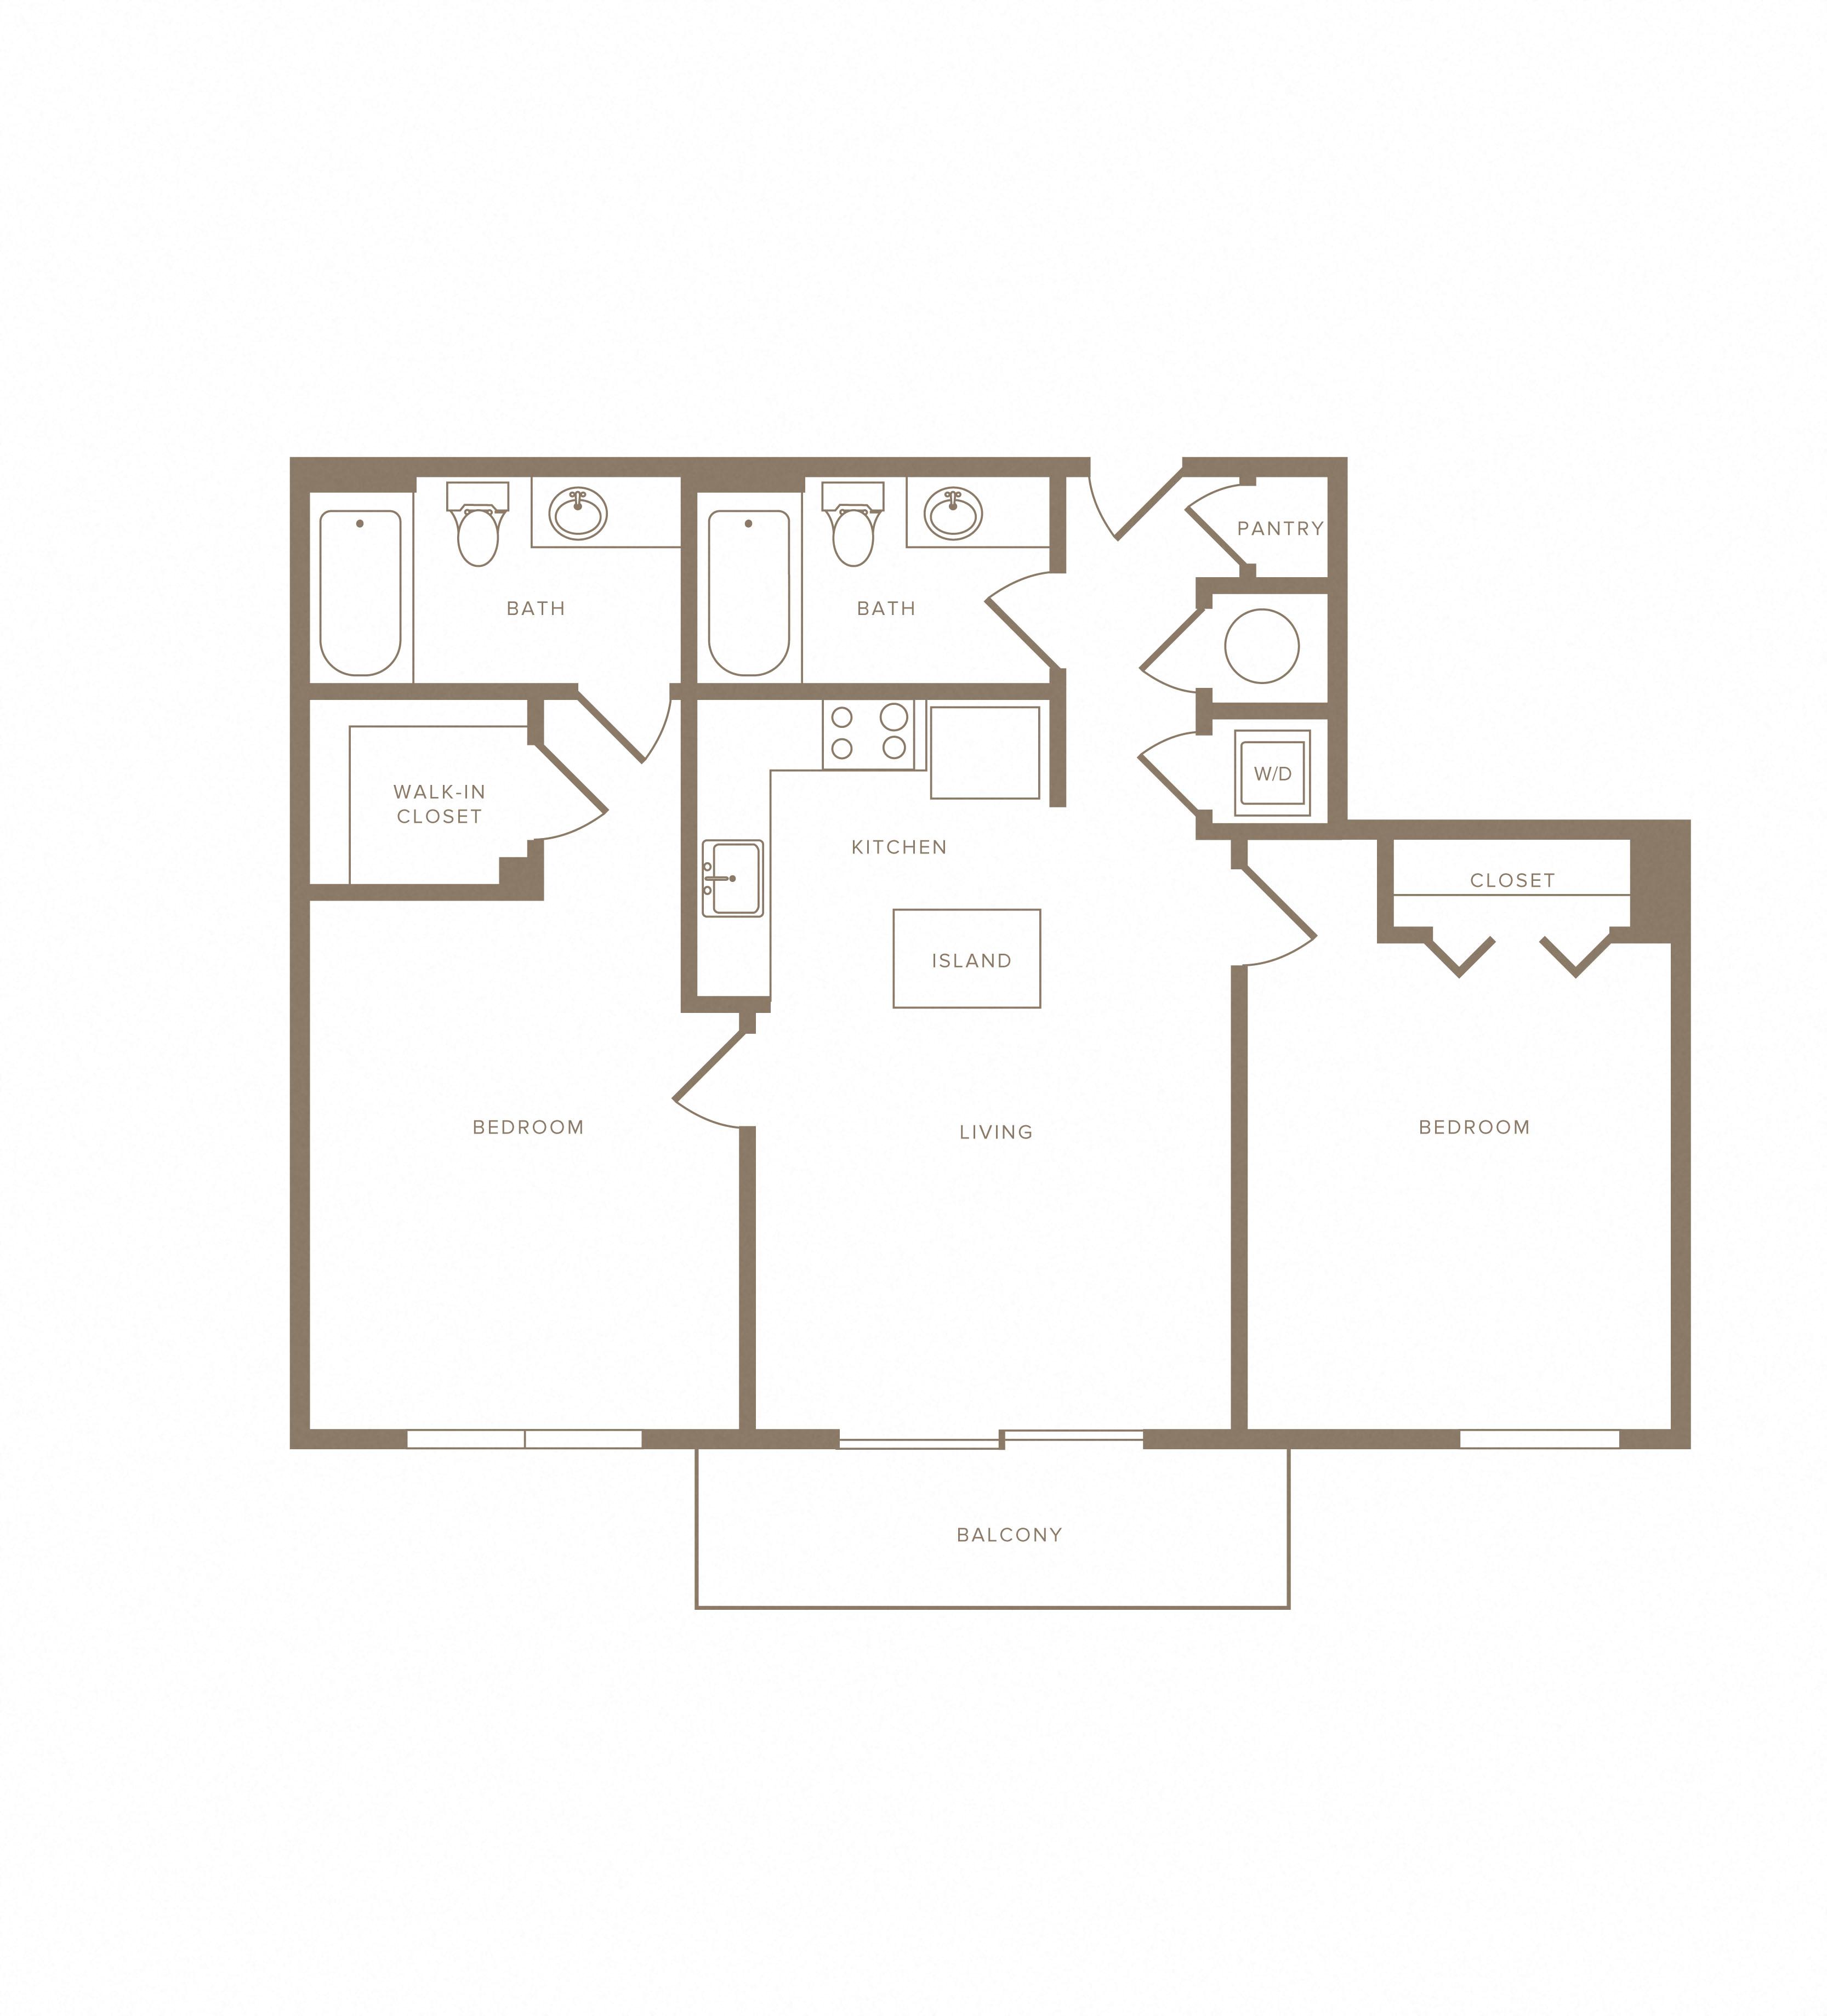 Apartment C-505 floorplan